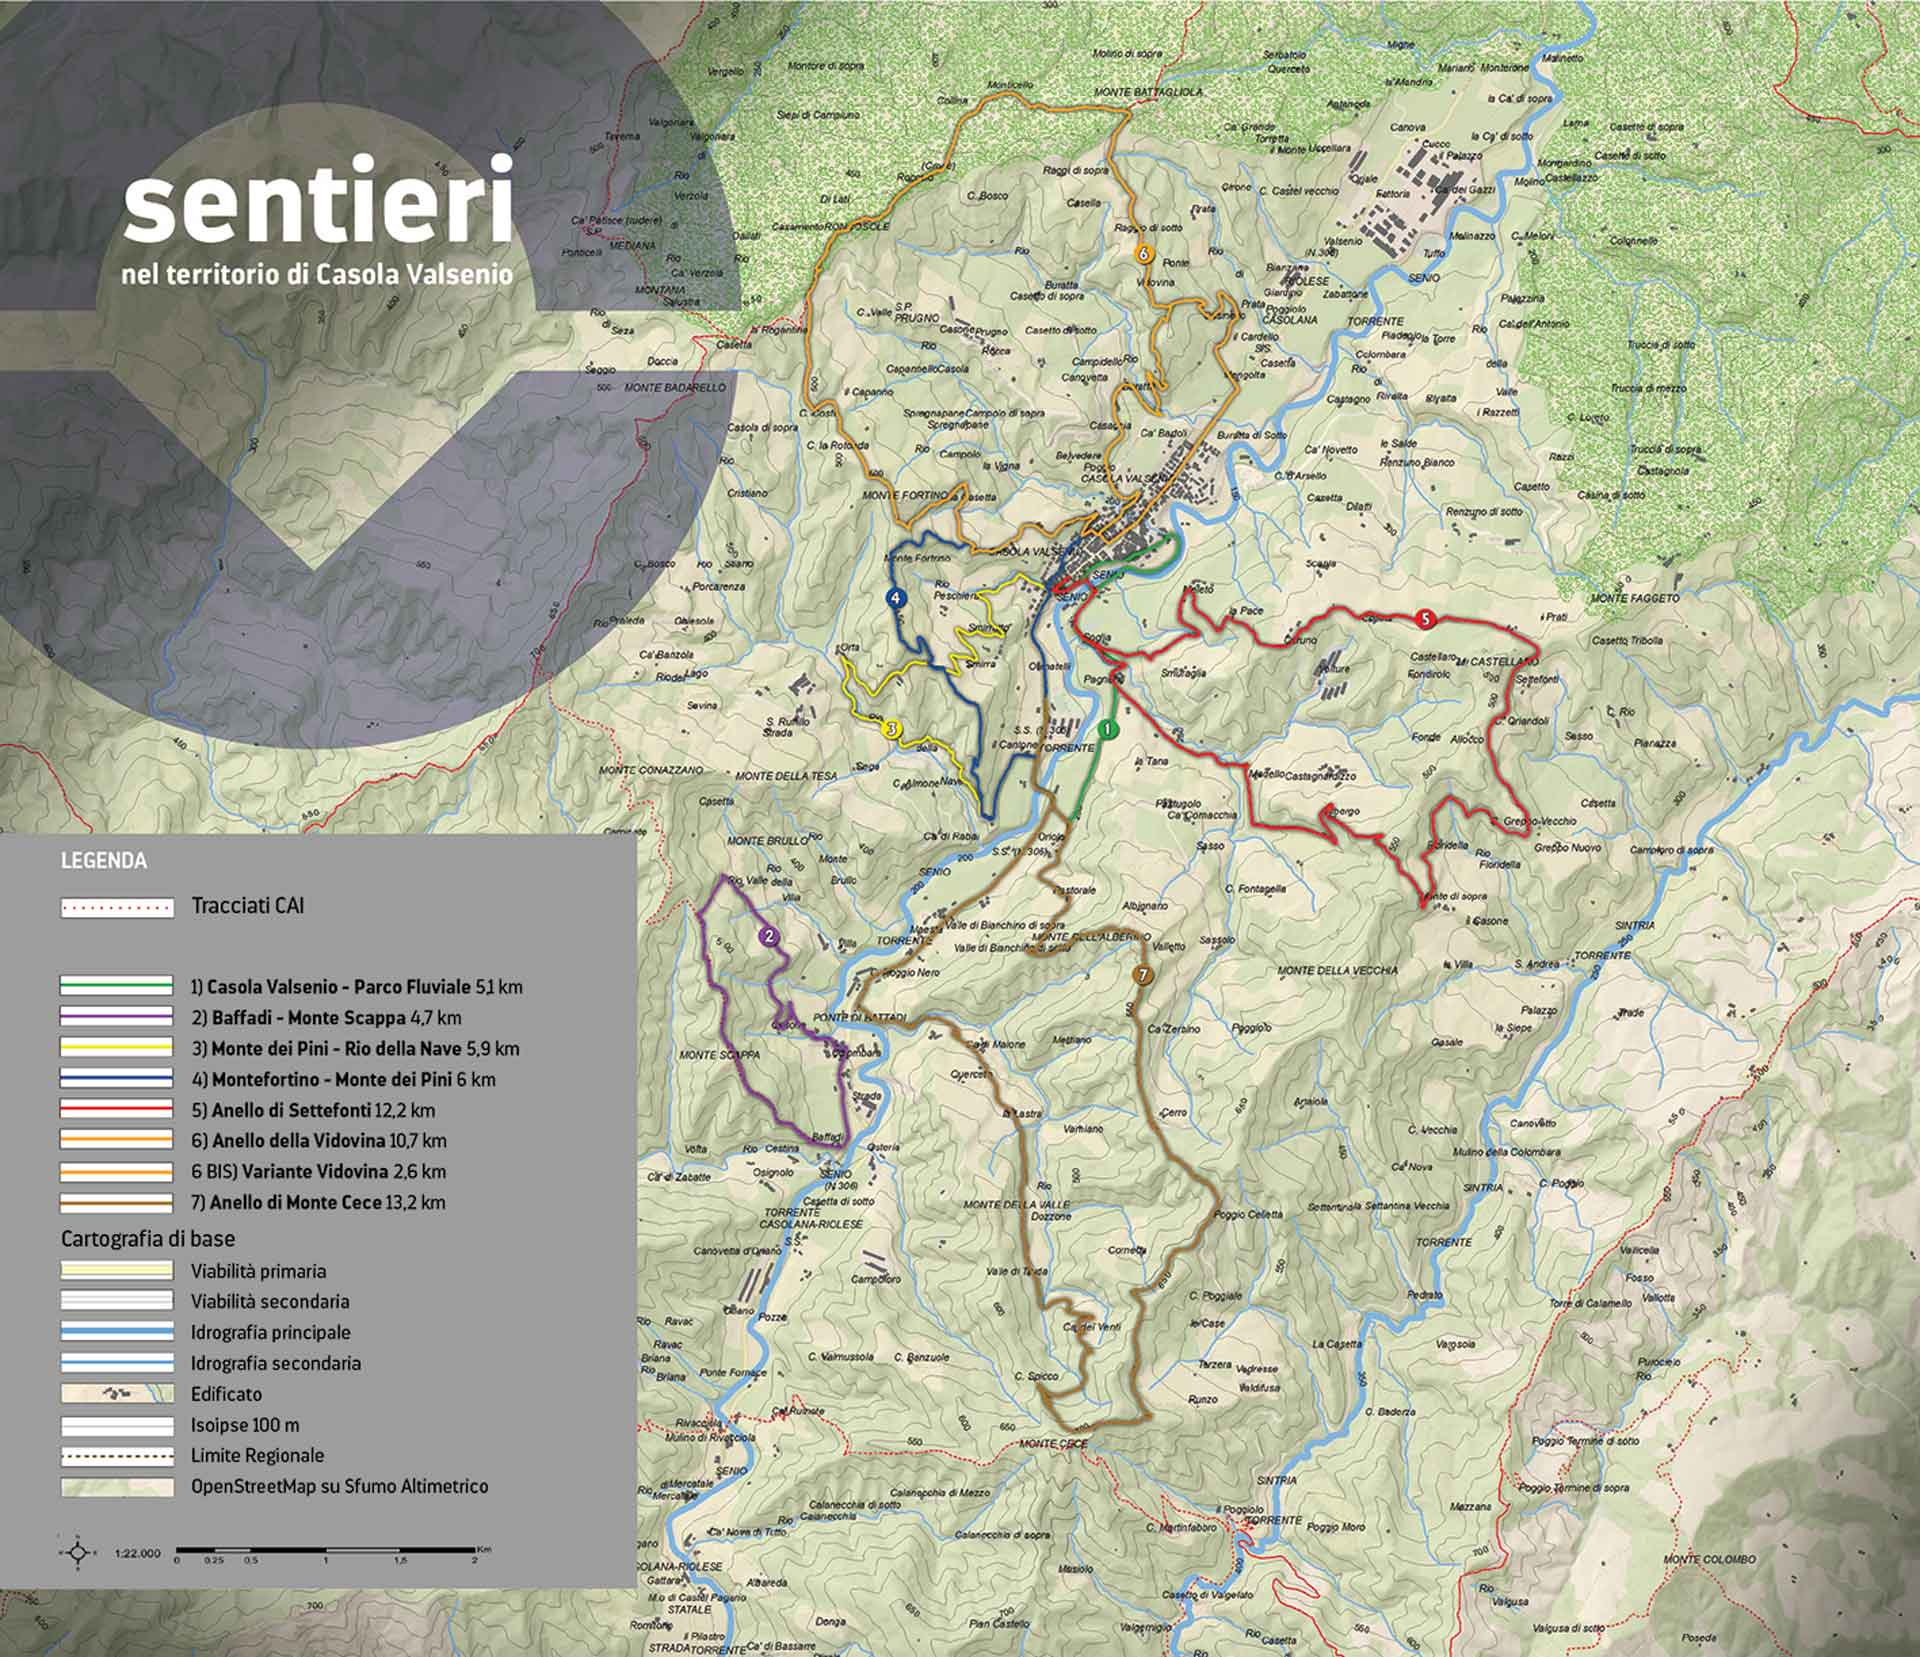 mappasentieri2